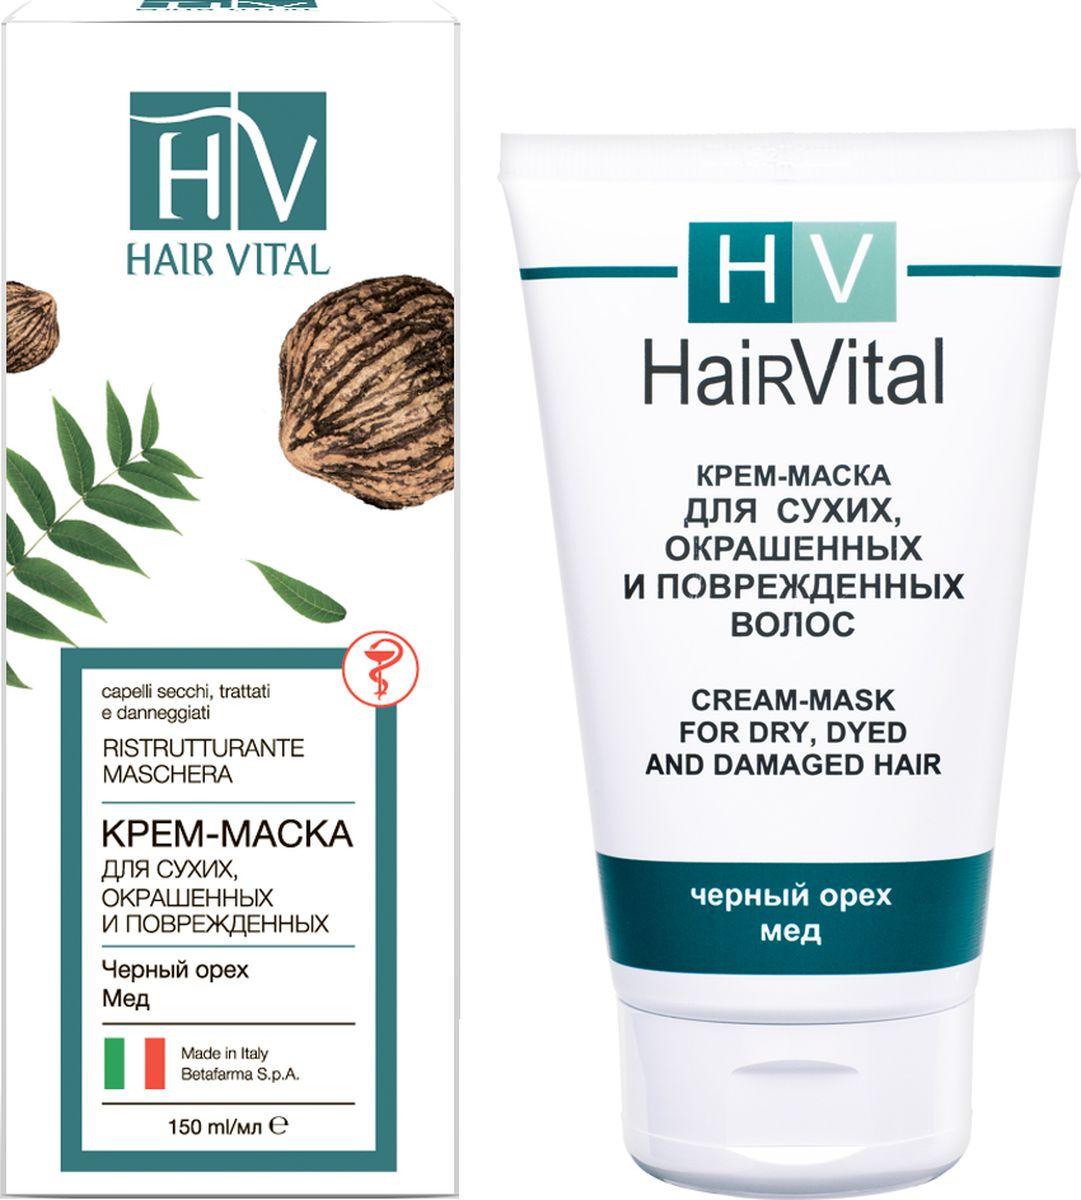 Hair Vital Крем маска для сухих, окрашенных и поврежденных волос, 150 мл